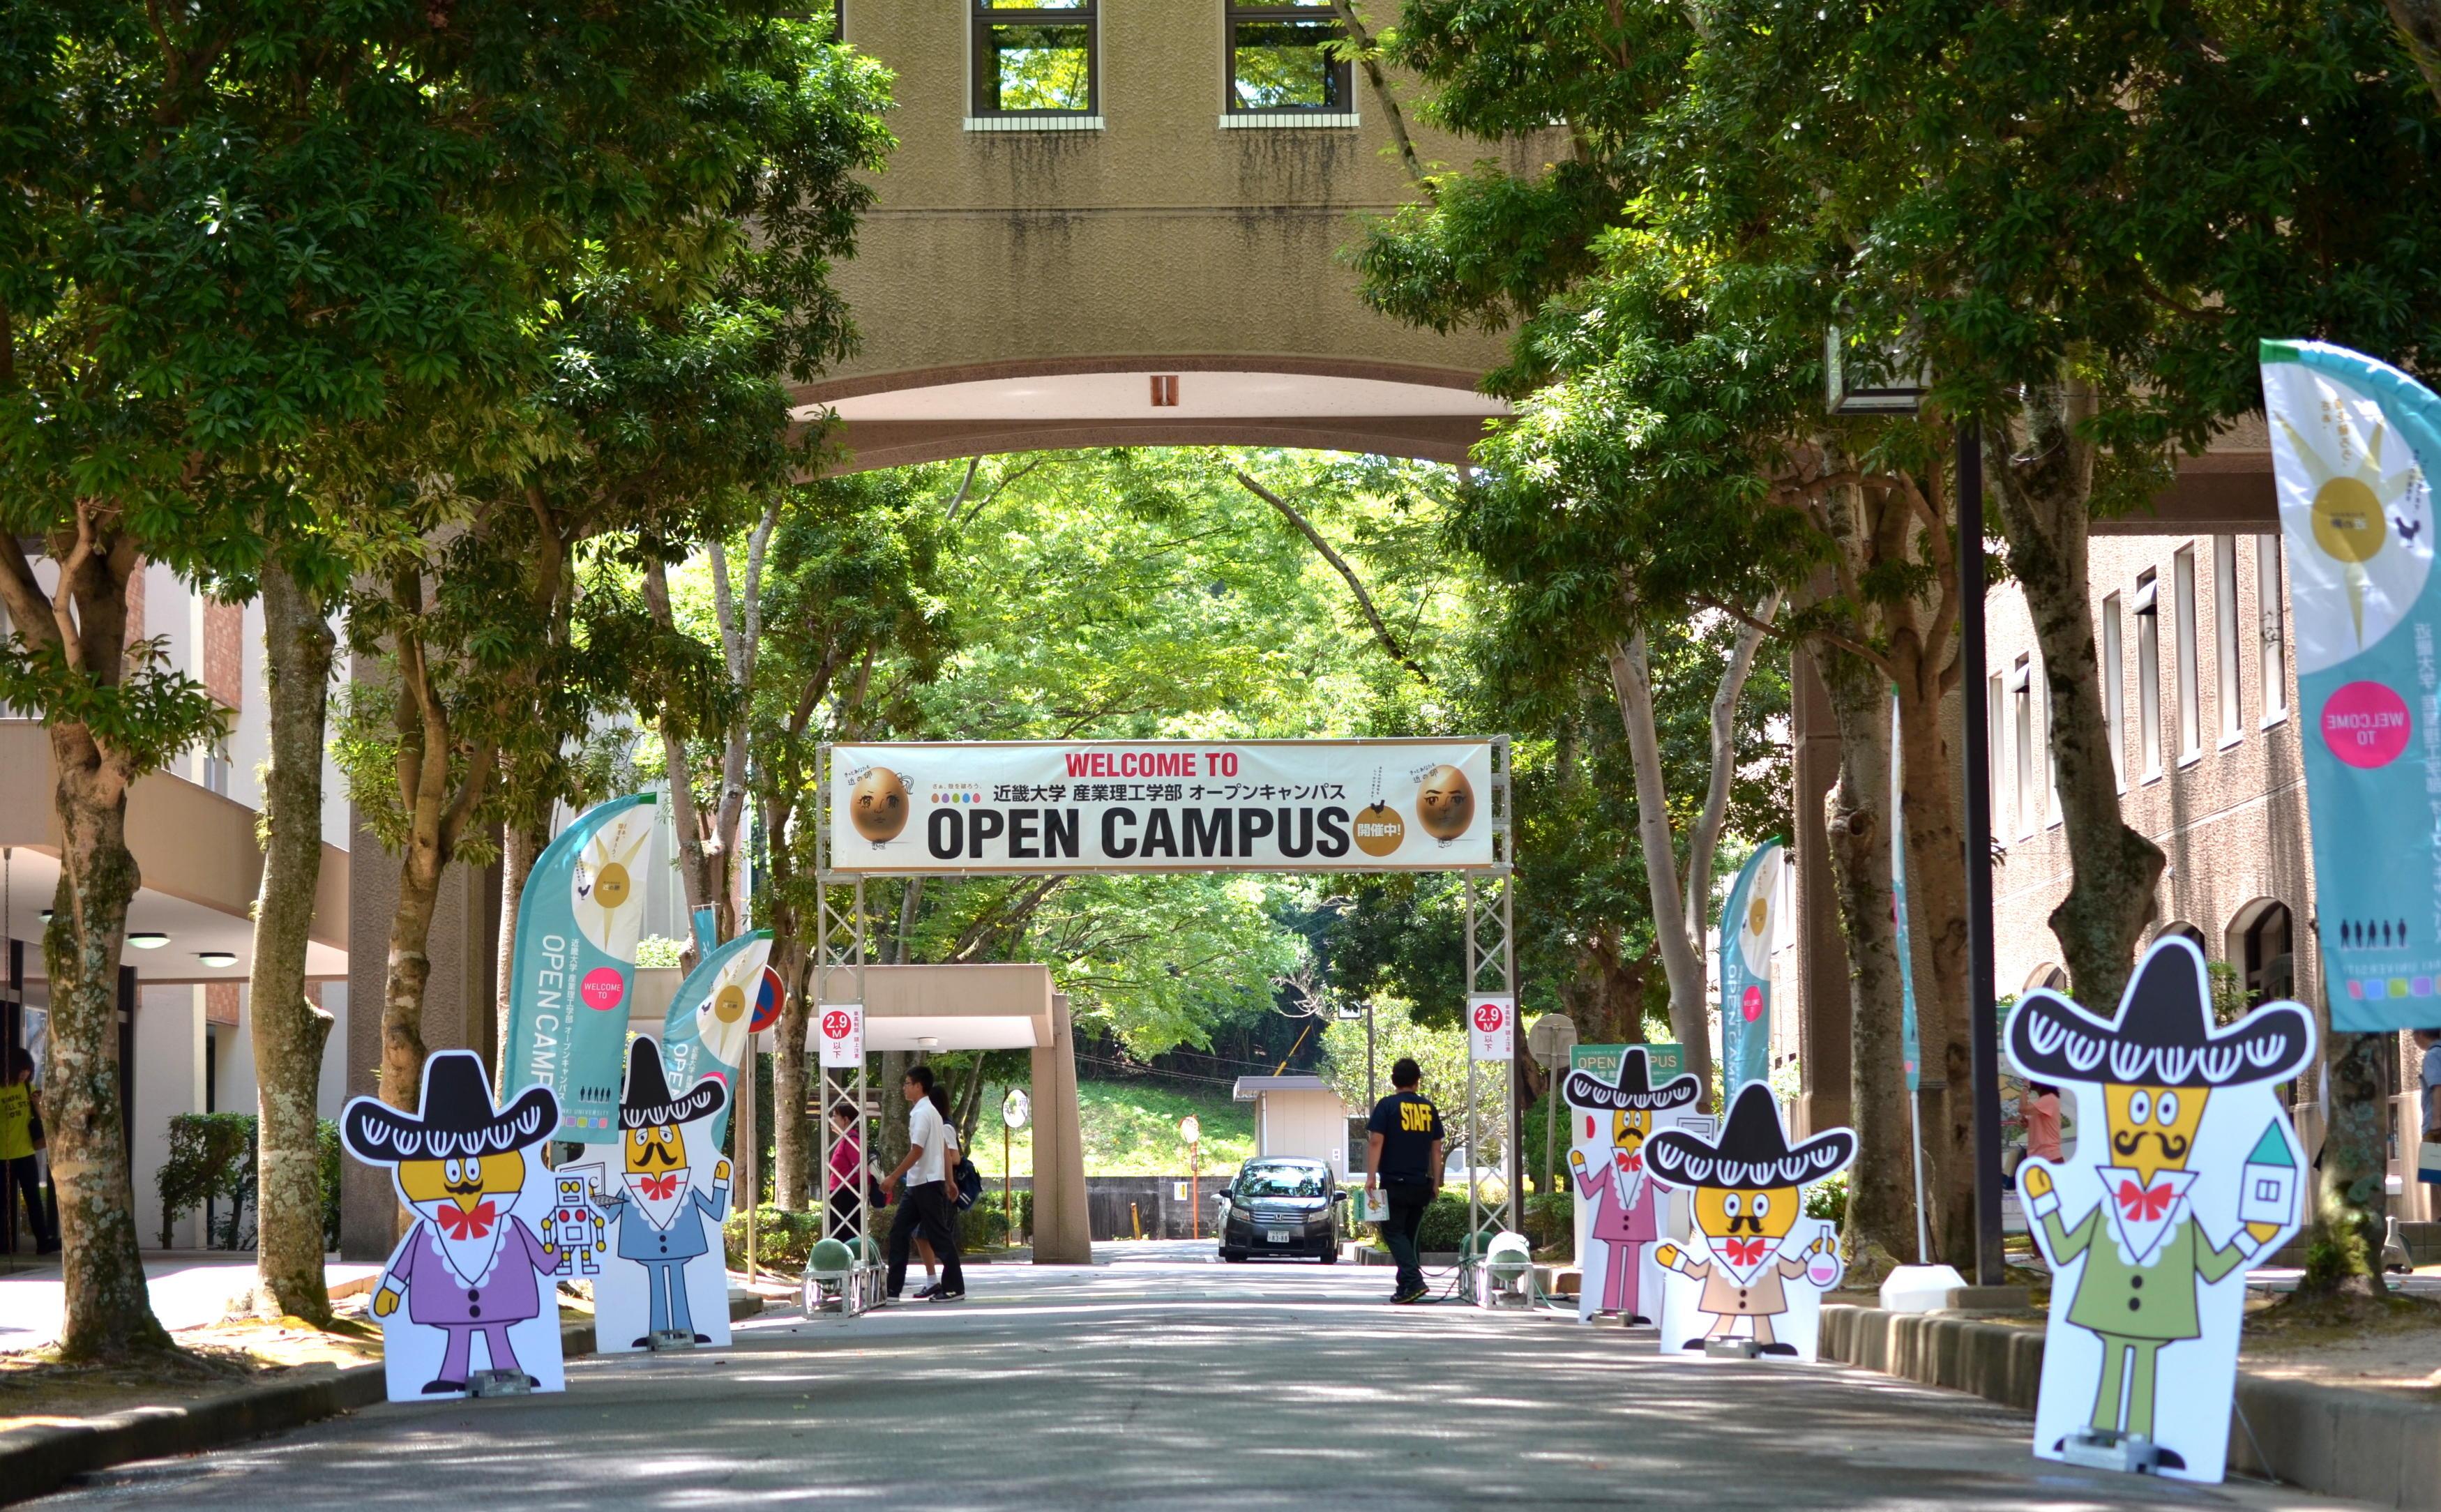 キャンパスを歩いて、見て、触れて、雰囲気を肌で感じよう!